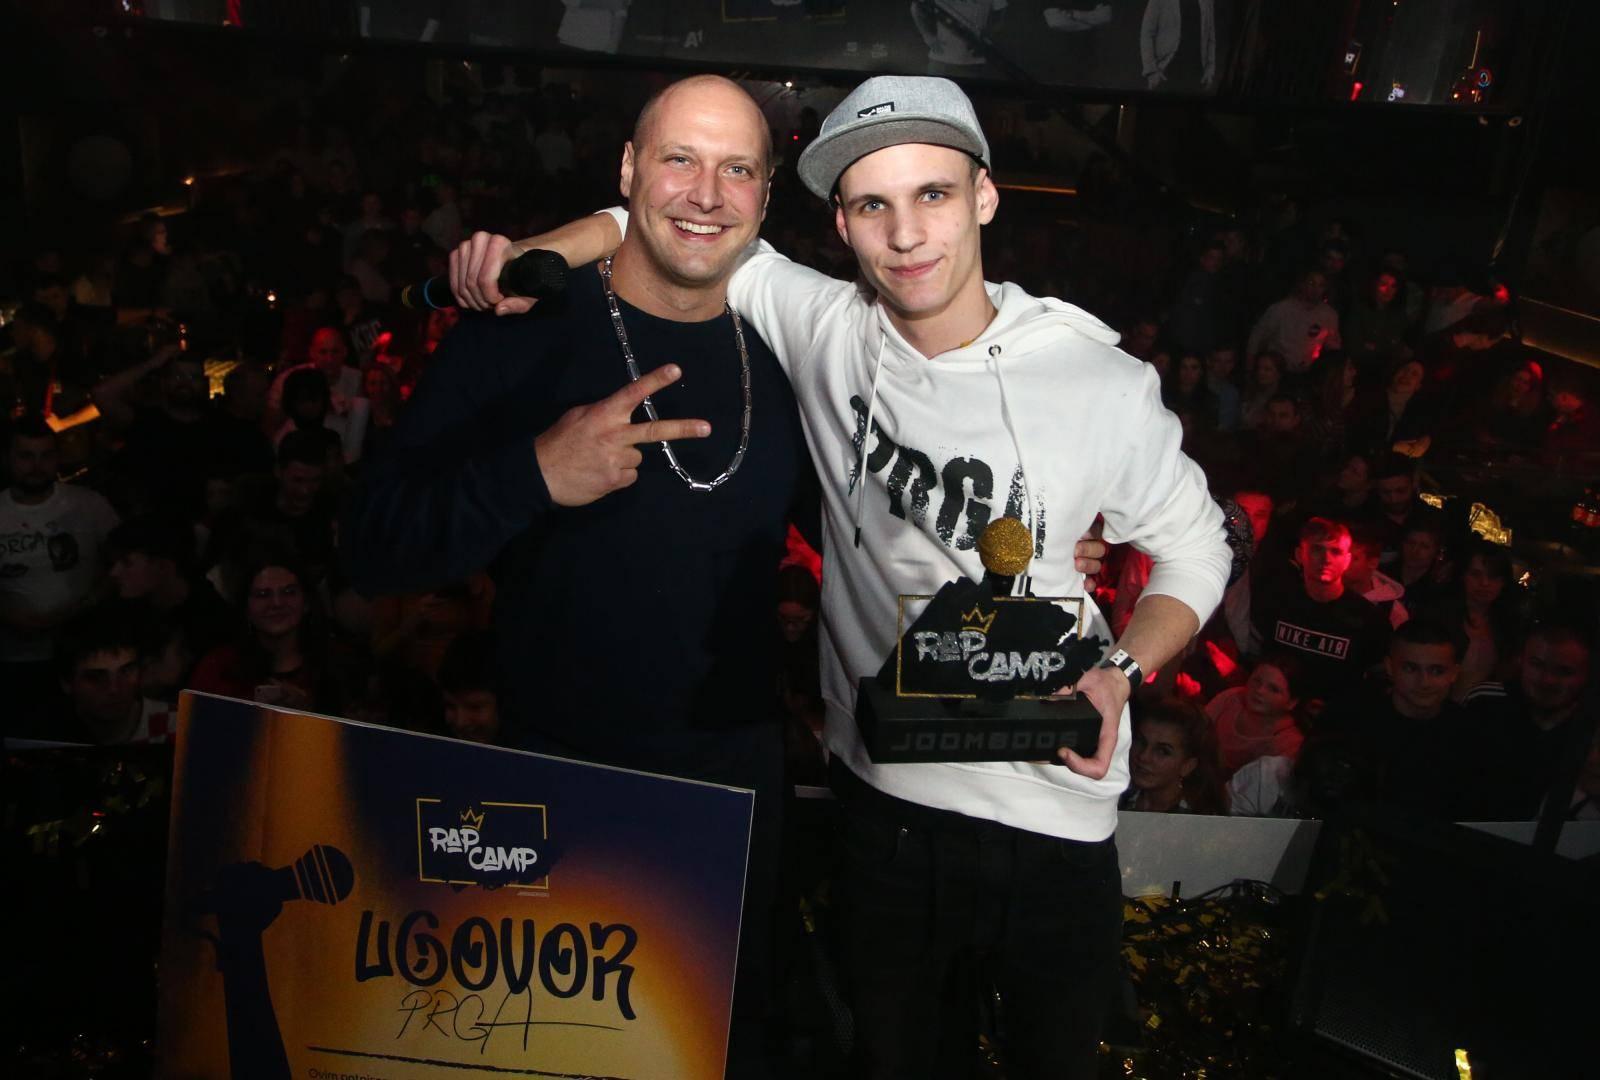 Pobjednik showa 'Rap Camp' je Prga: 'Nisam uopće očekivao'